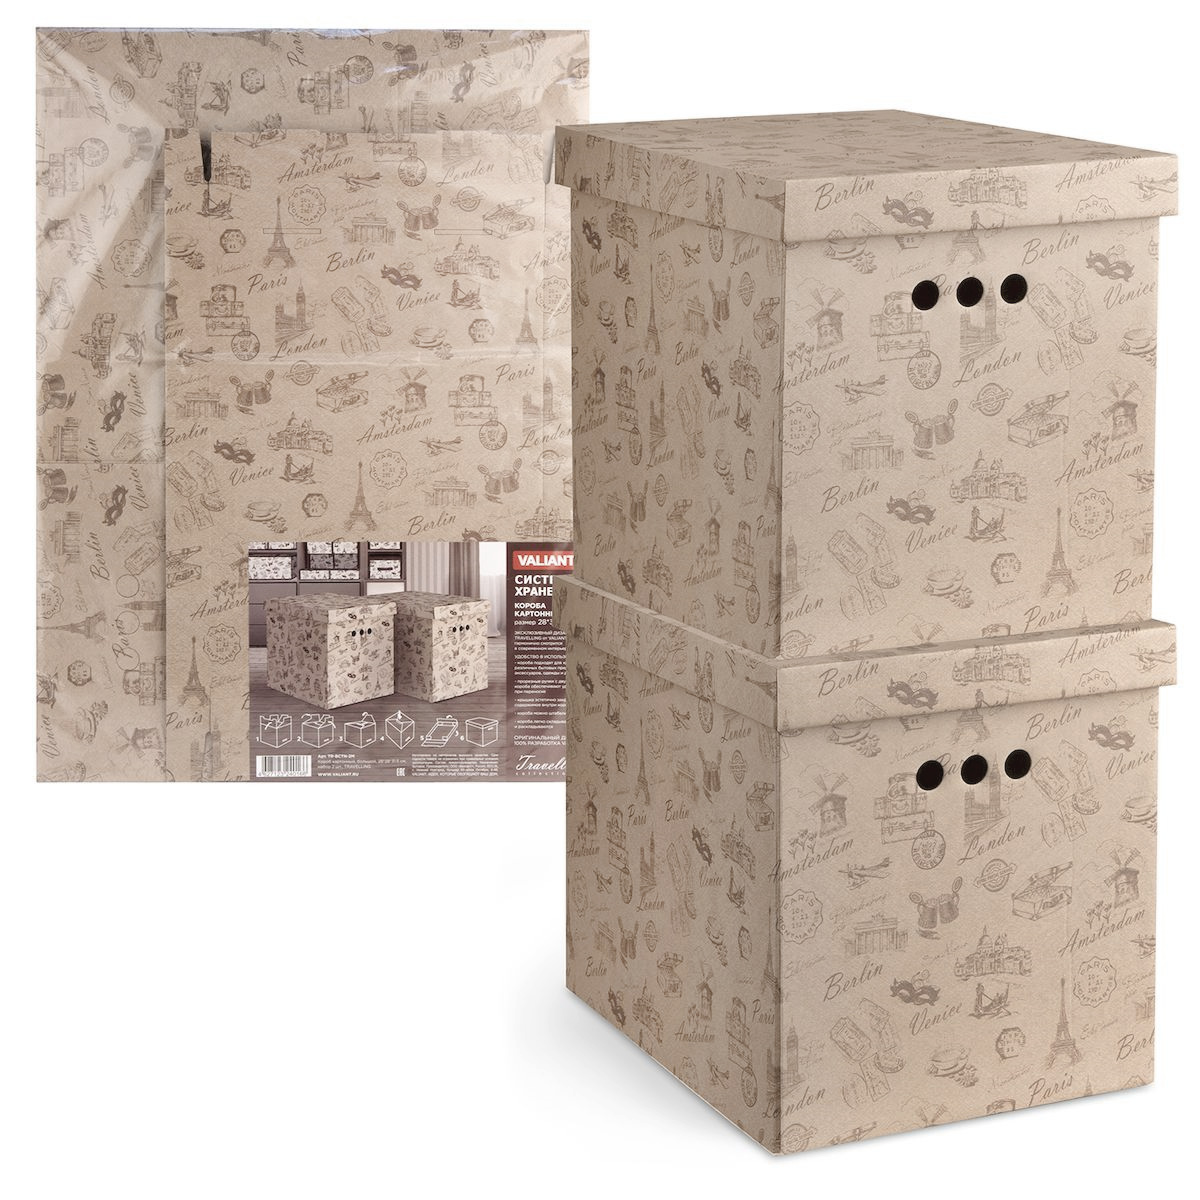 Короб для хранения Valiant Travelling, складной, 28 х 38 х 31,5 см, 2 штTR-BCTN-2MКороб для хранения Valiant Travelling изготовлен из картона. Изделие легко и быстро складывается. Оснащен крышкой и тремя отверстиями, которые позволяют удобно его выдвигать. Такой короб прекрасно подойдет для хранения бытовых мелочей, аксессуаров для рукоделия и других мелких предметов. С ним все мелкие вещи будут храниться аккуратно и не потеряются.Размер изделия (в собранном виде): 28 х 38 х 31,5 см.